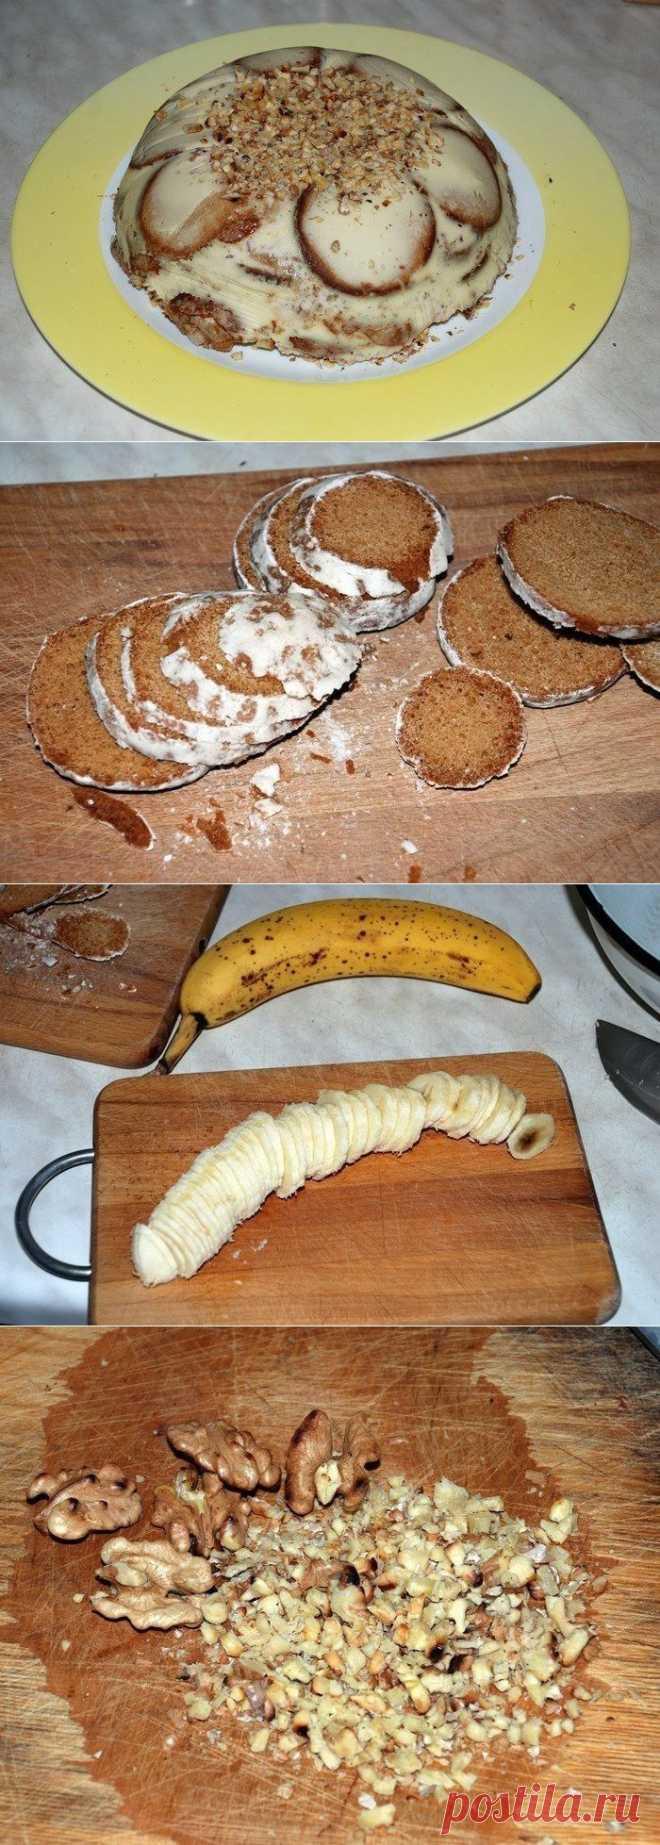 Холодный торт - Простые рецепты Овкусе.ру